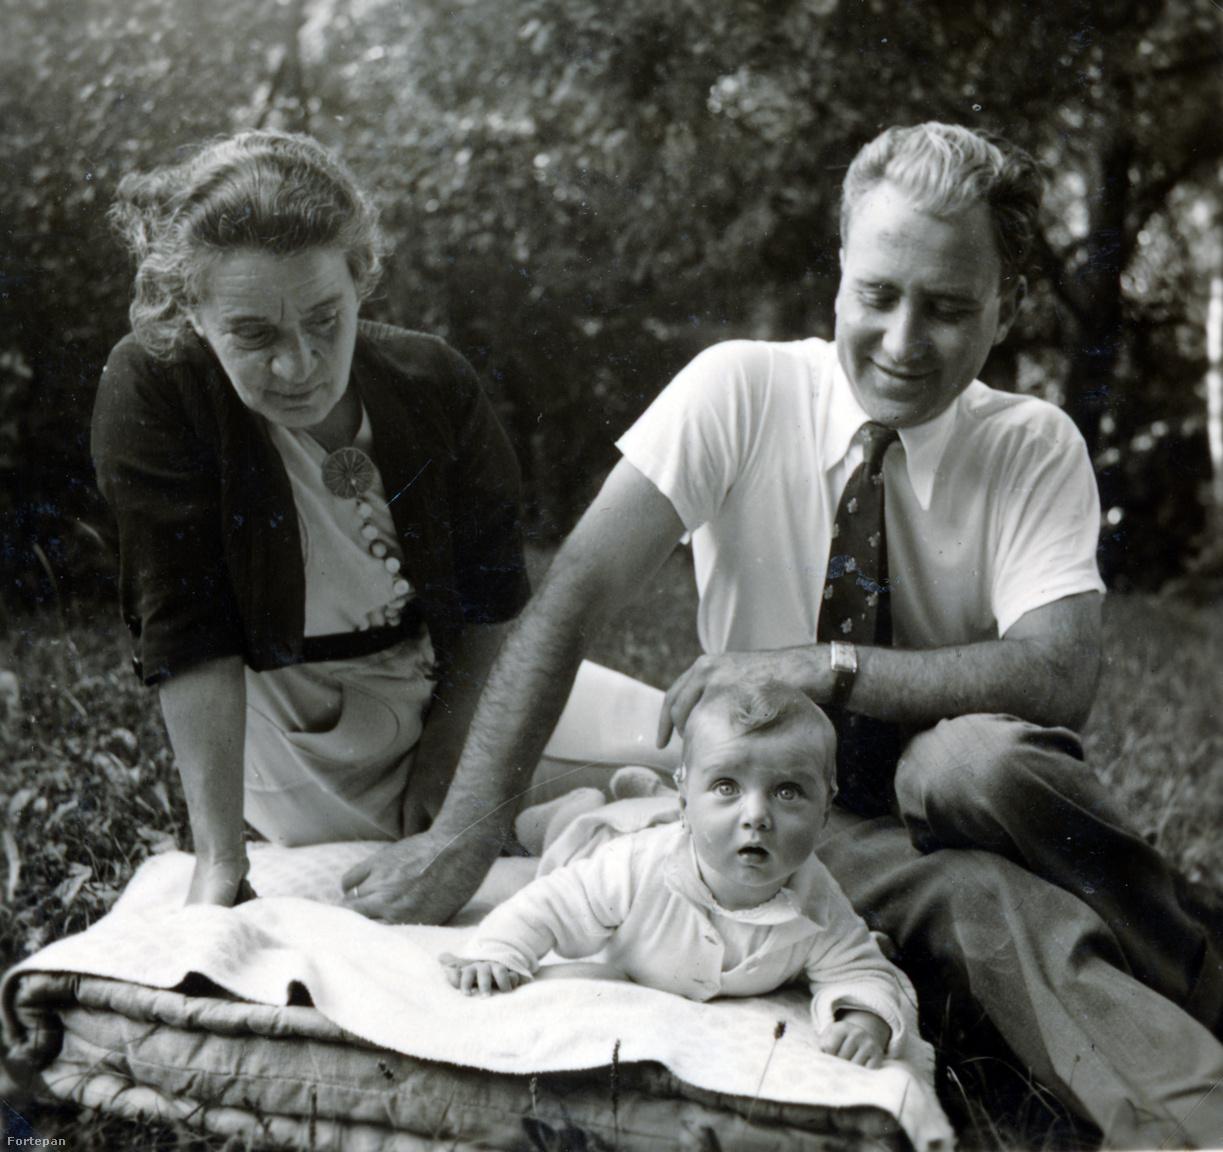 """Preisich Gábor elsőszülött kislányával, Anikóval és a nagymamával, Wessel MargittalAz 1938-ban született Anikót (és később két testvérét is) Rut szigorú elvek szerint nevelte. """"Pedagógiai elvemre hatott Pikler Emmi Mit tud már a baba című könyve, bár elsősorban Apuskának  [Preisich Kornél] A kisbaba táplálása és gondozása című, több kiadást megért könyve volt a vezérfonalam, ezt a könyvet Apuska születésnapjára, ajándékul, németre is lefordítottam""""–írta Rut, akinek visszaemlékezéseit férje 1987-ben gépelte le."""